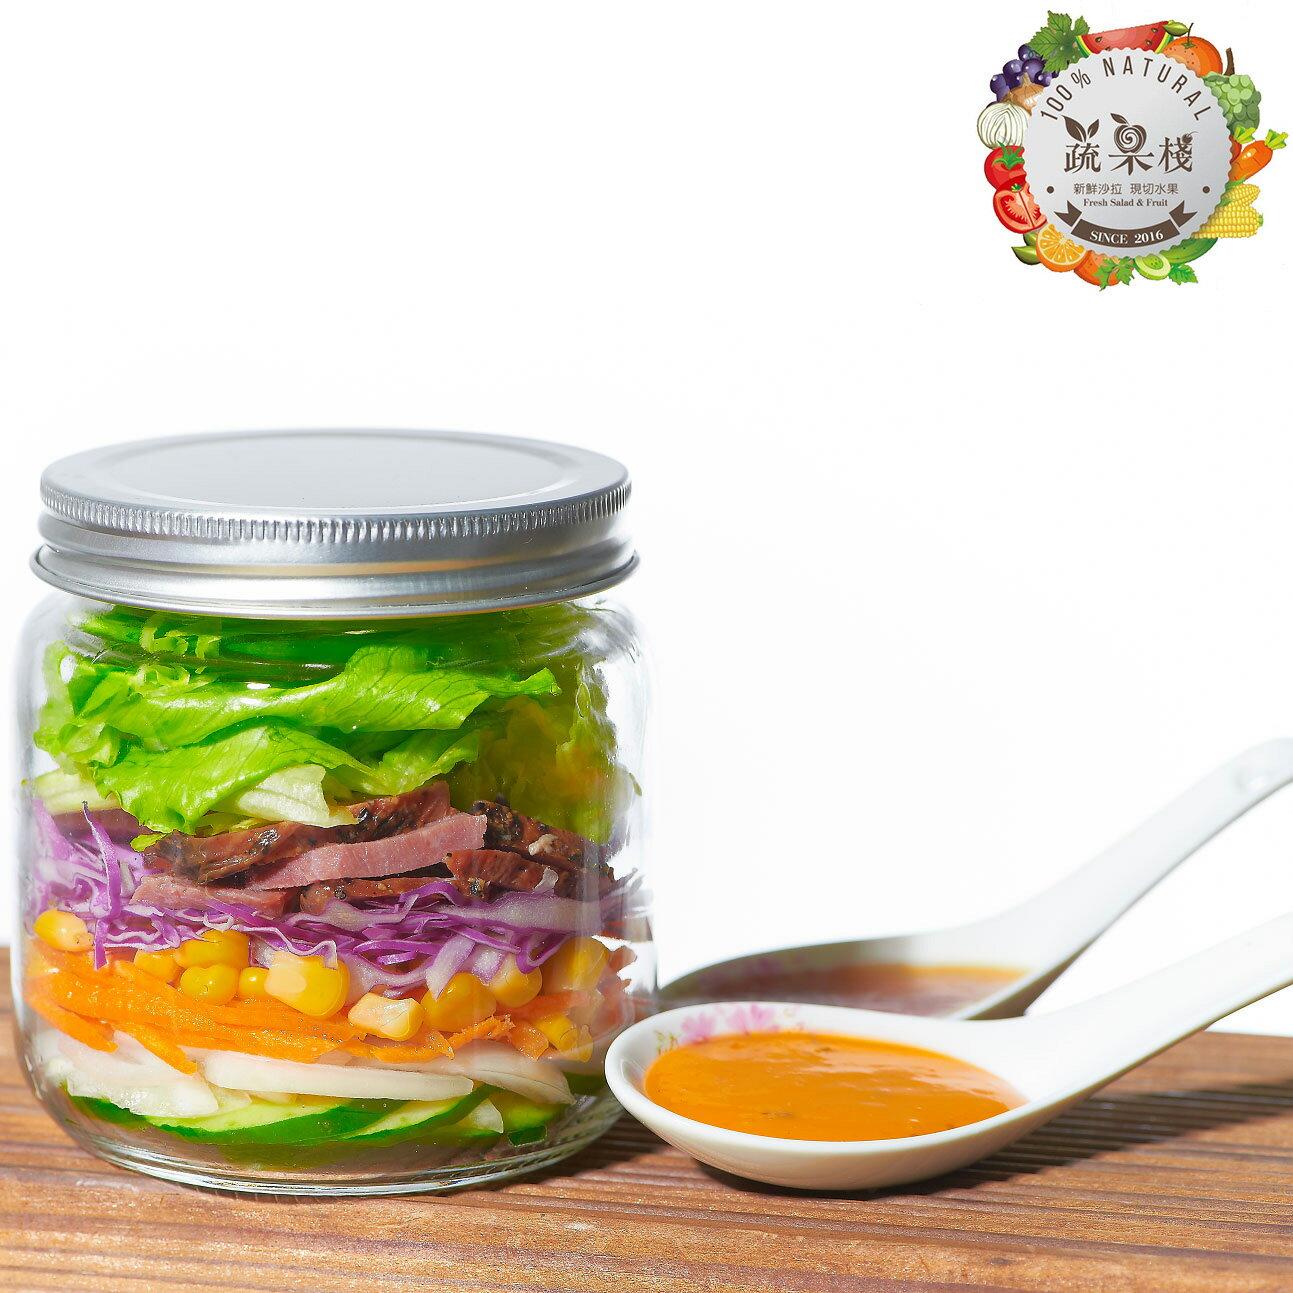 黑胡椒牛肉沙拉~~新鮮蔬果棧~~以現在最 的方式大膽呈現的罐沙拉,由 蔬菜及黑胡椒牛肉 呈